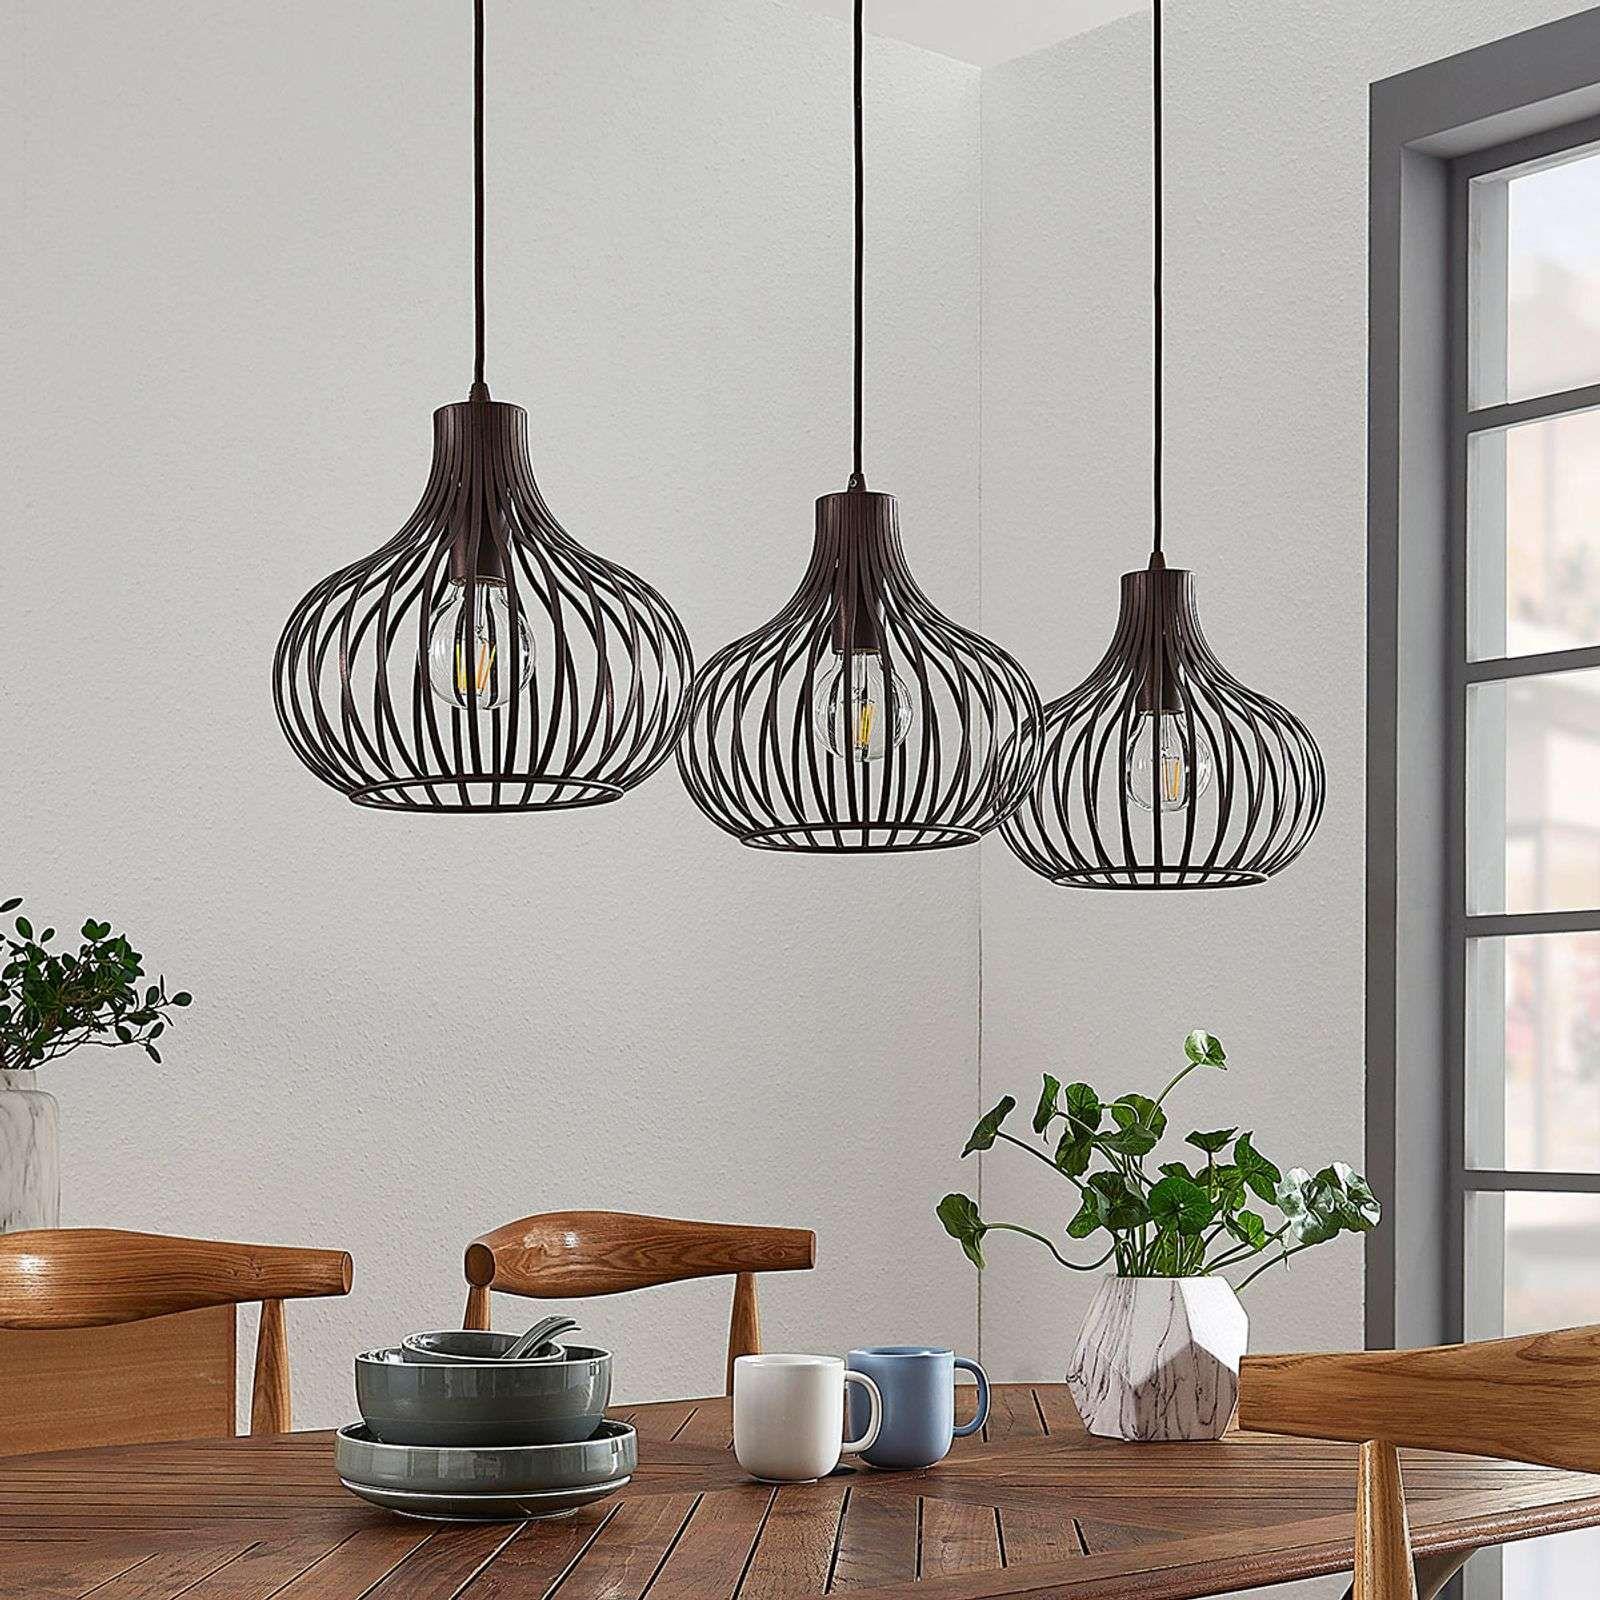 LED Deckenlampe Deckenleuchte Decken Lampe Leuchte Wohnzimmer XL 60cm Blume Top